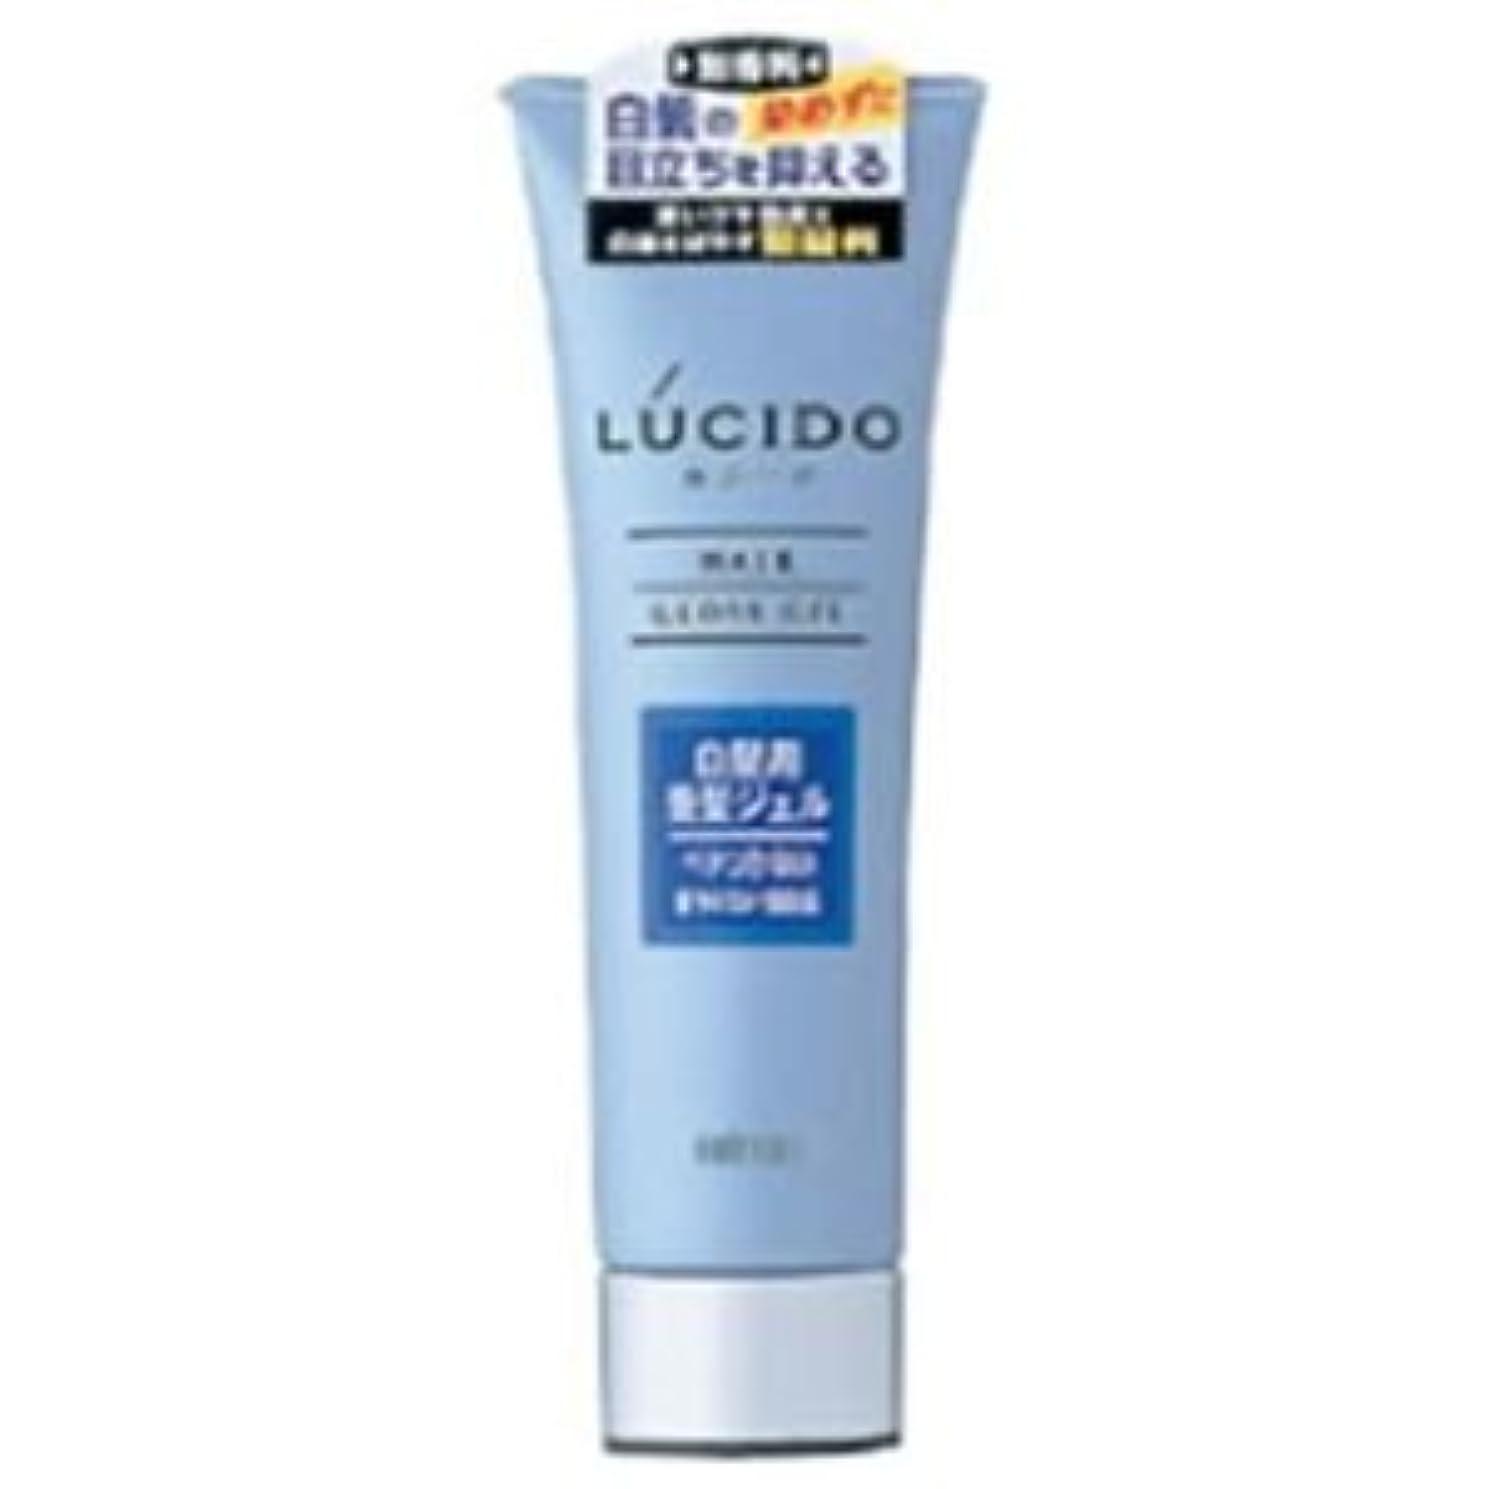 満員充電謙虚なルシード 白髪用整髪ジェル 130g 5セット